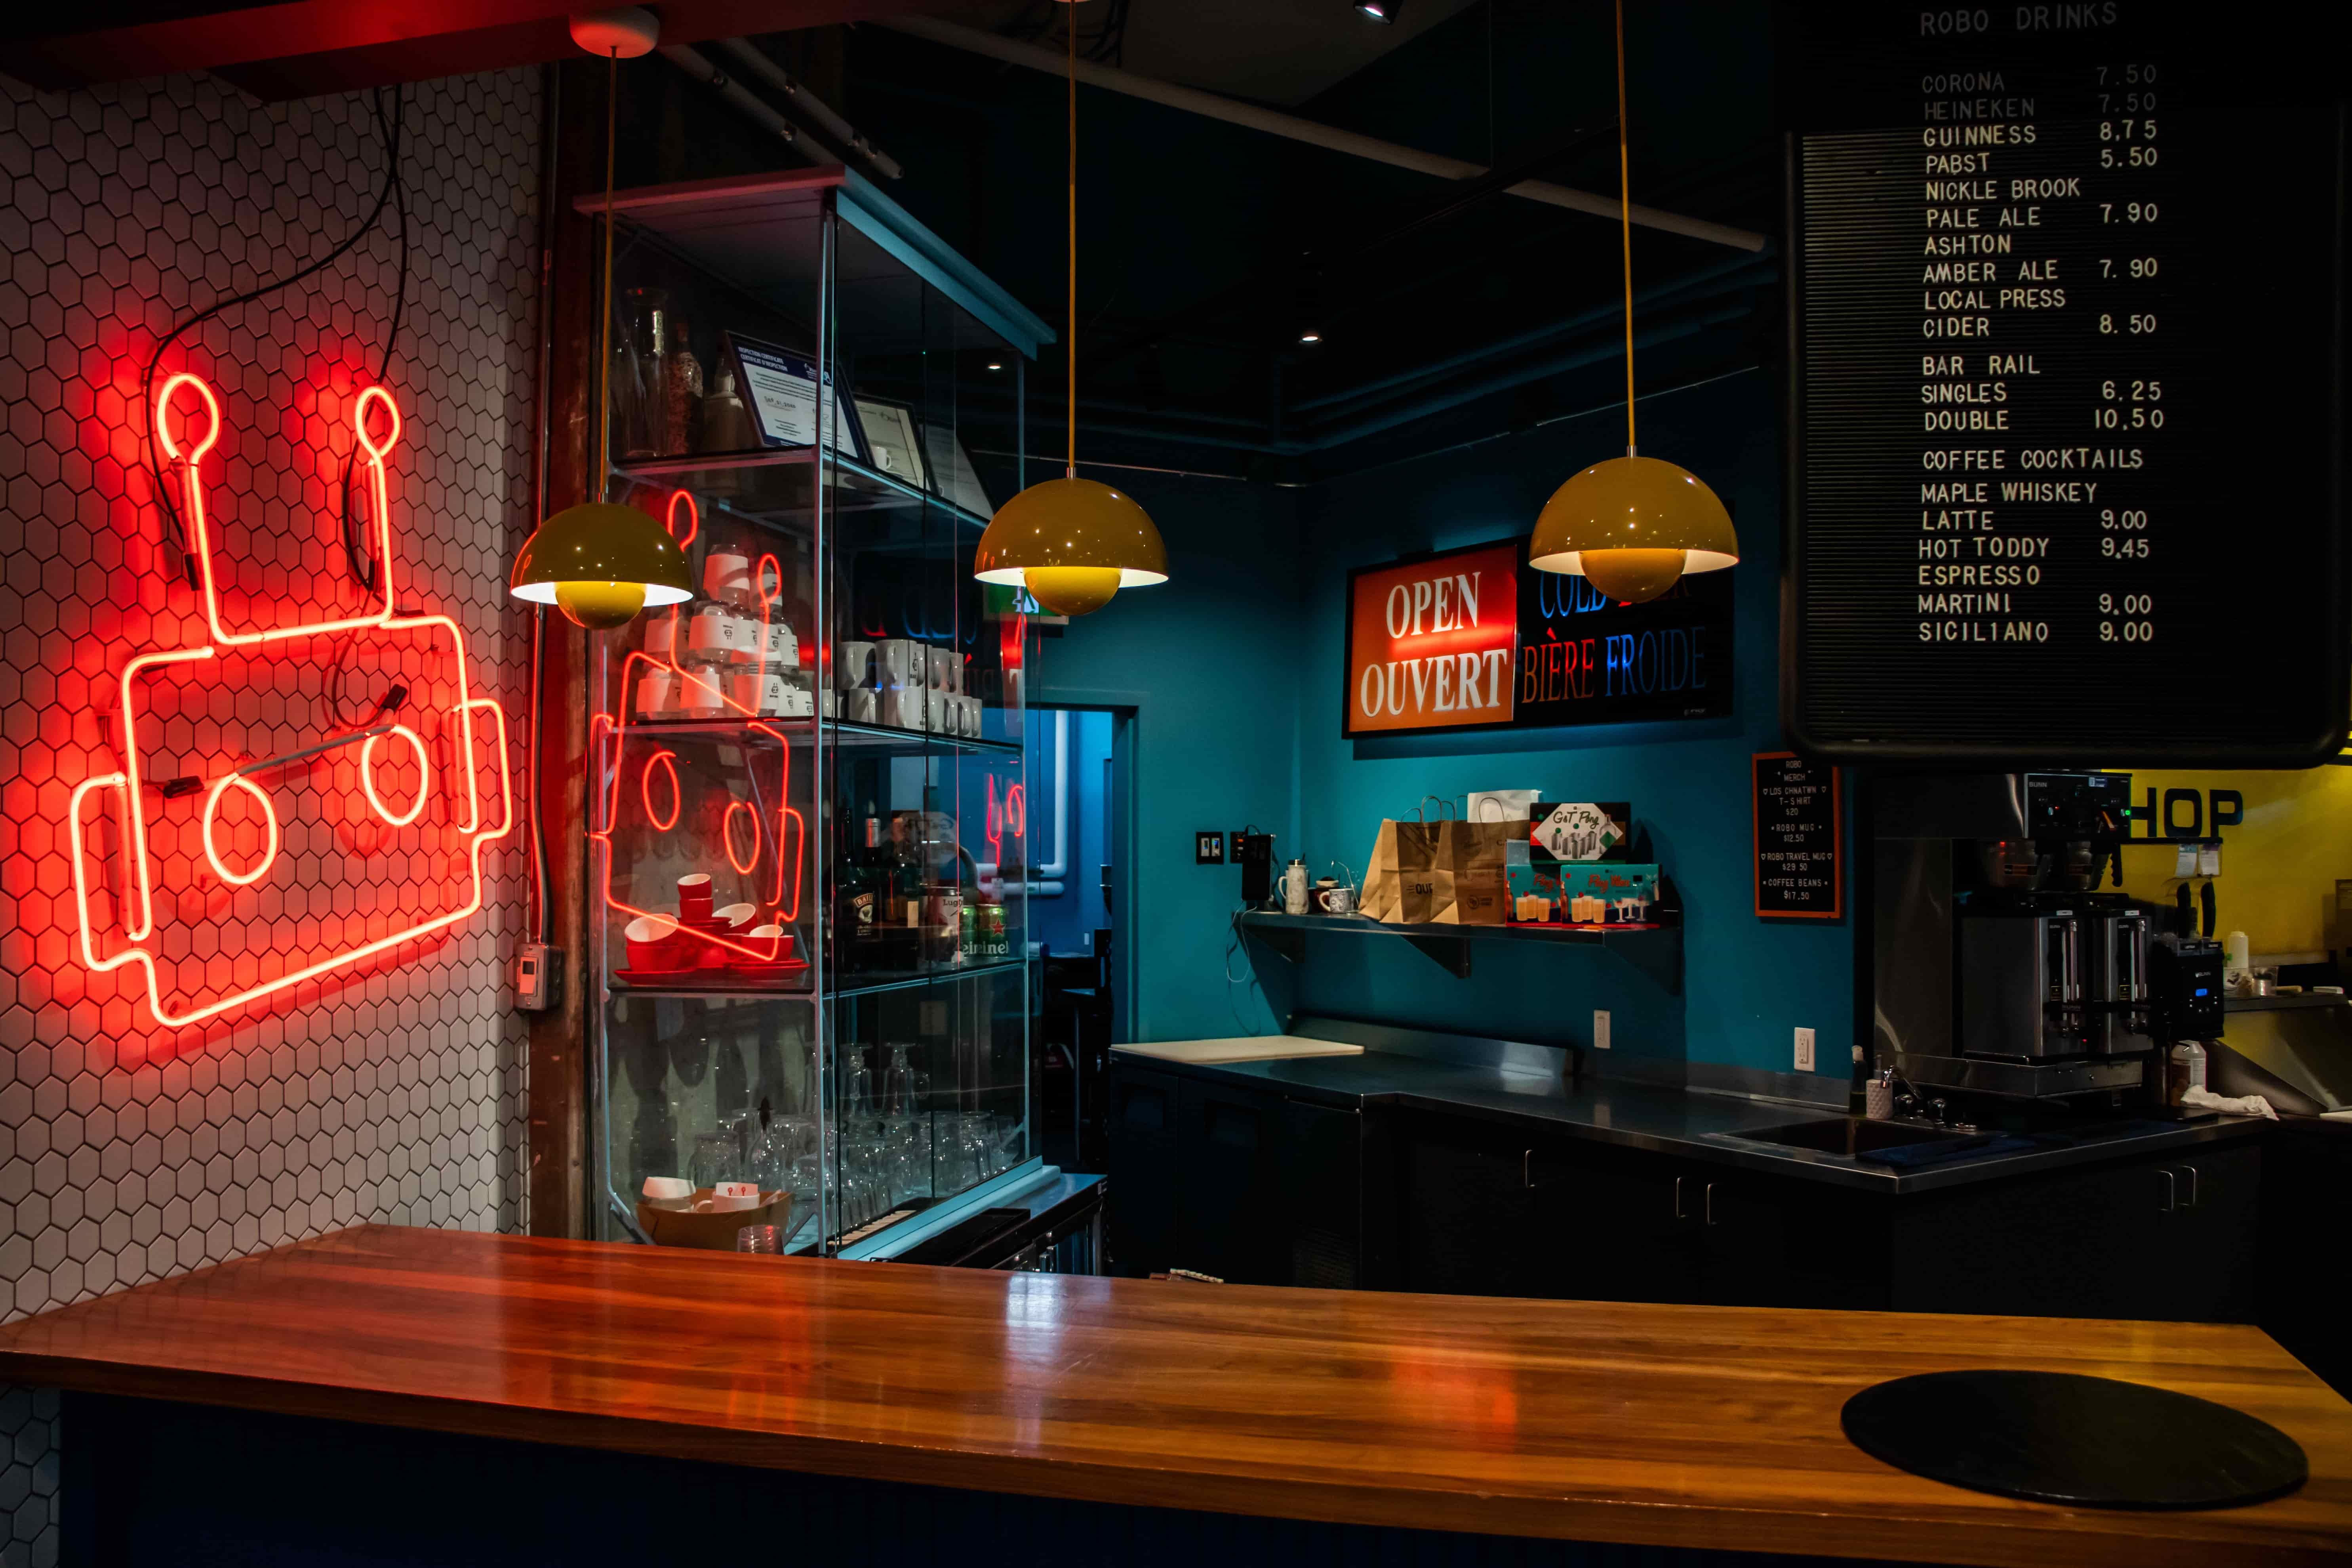 Bar Robo-11-min-min